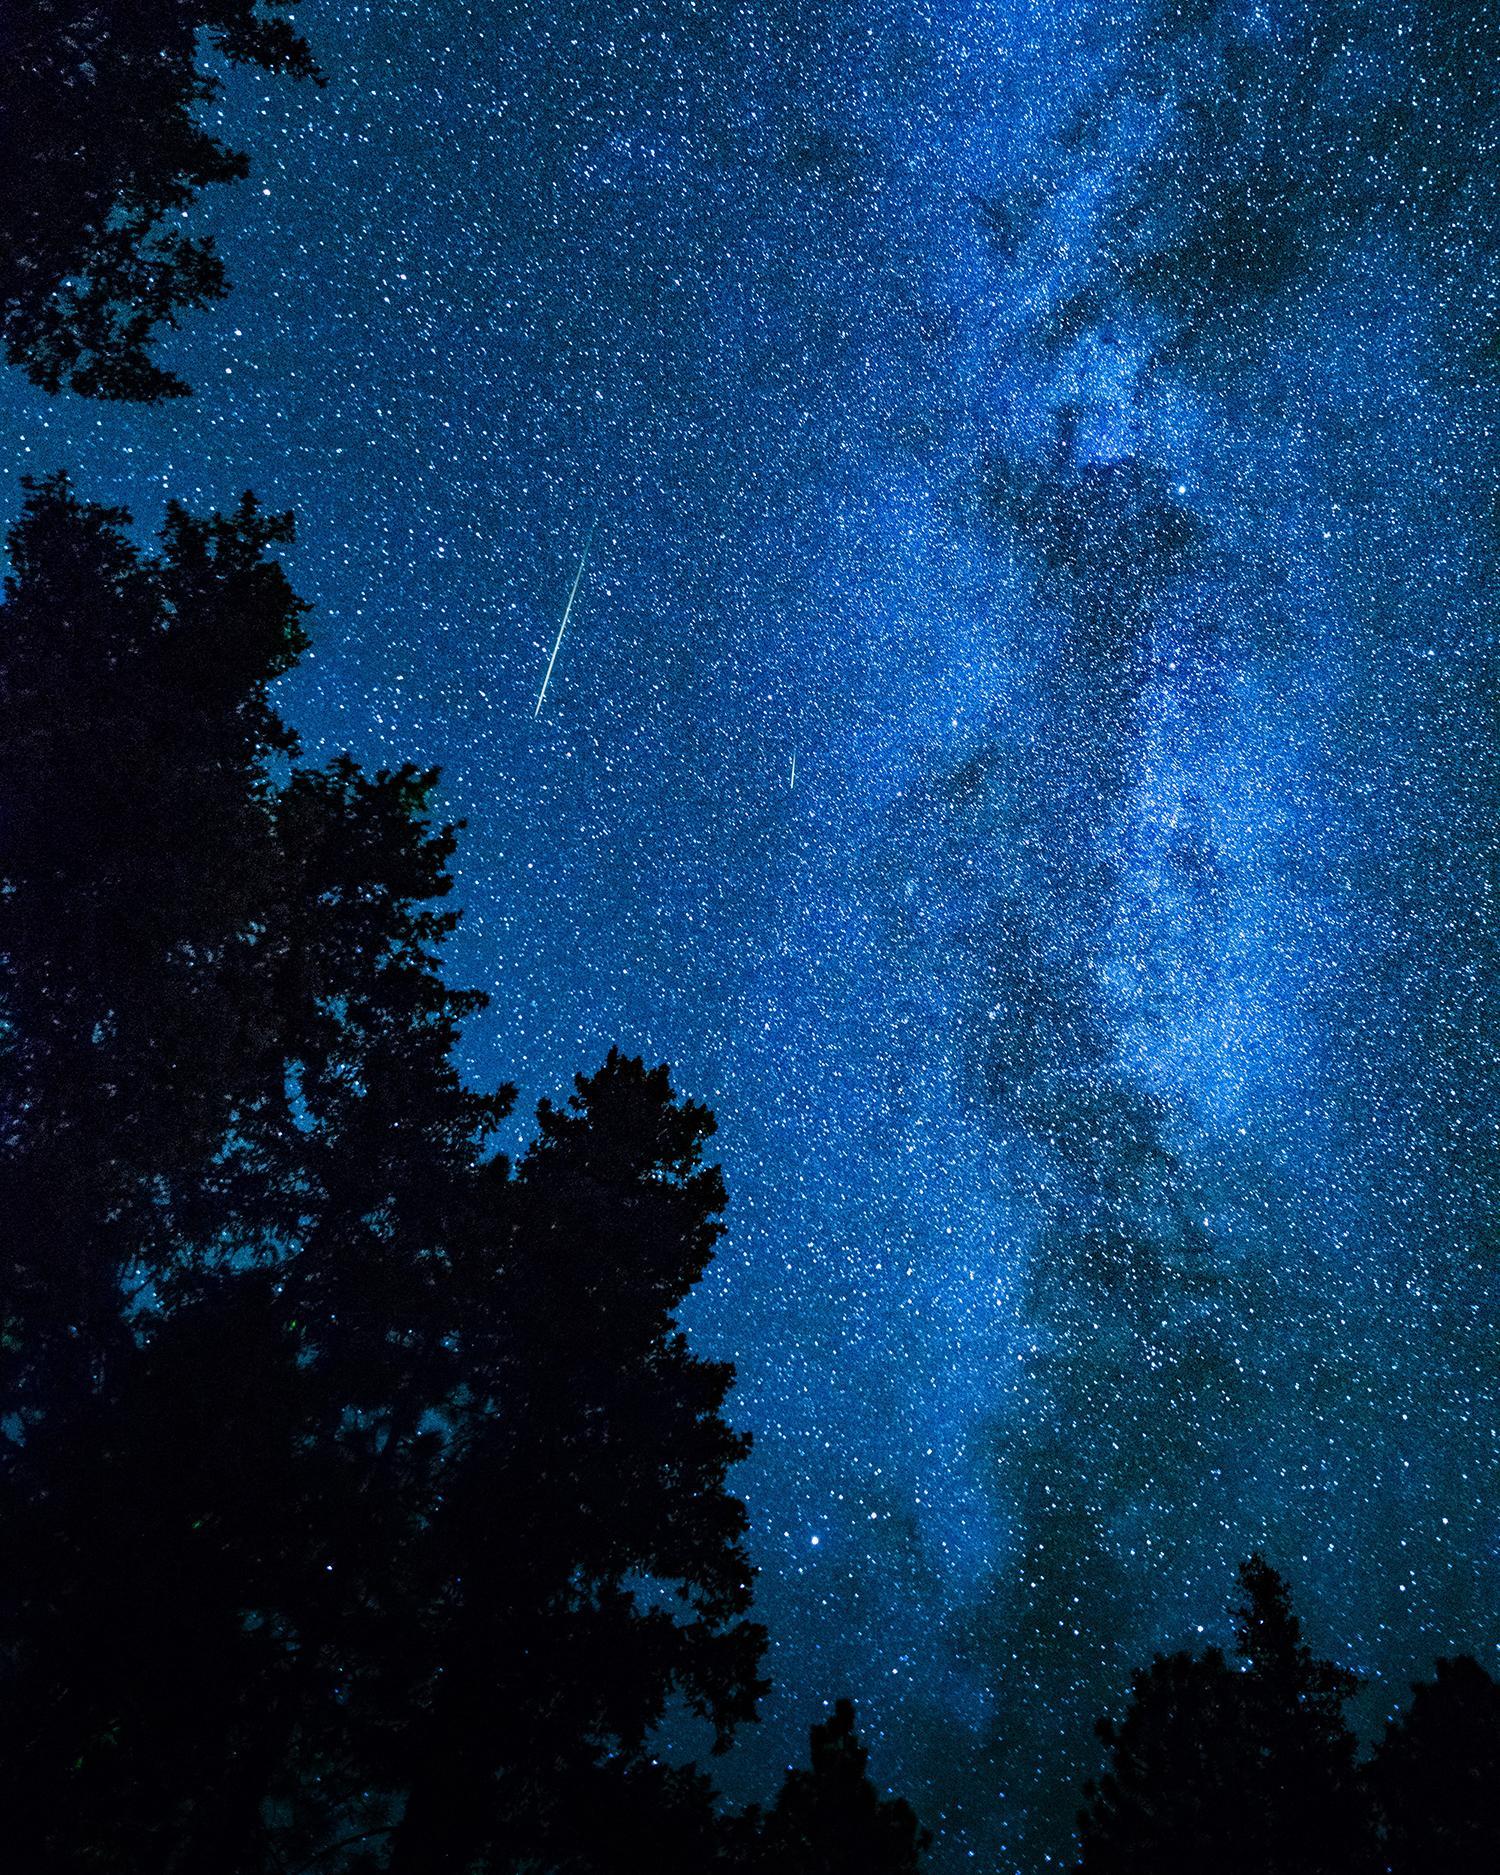 """A partir del próximo 6 de diciembre será posible observar, desde territorio nacional, la llamada lluvia de estrellas """"gemínidas"""", considerada una de las más intensas y espectaculares que se registra en esta época del año."""